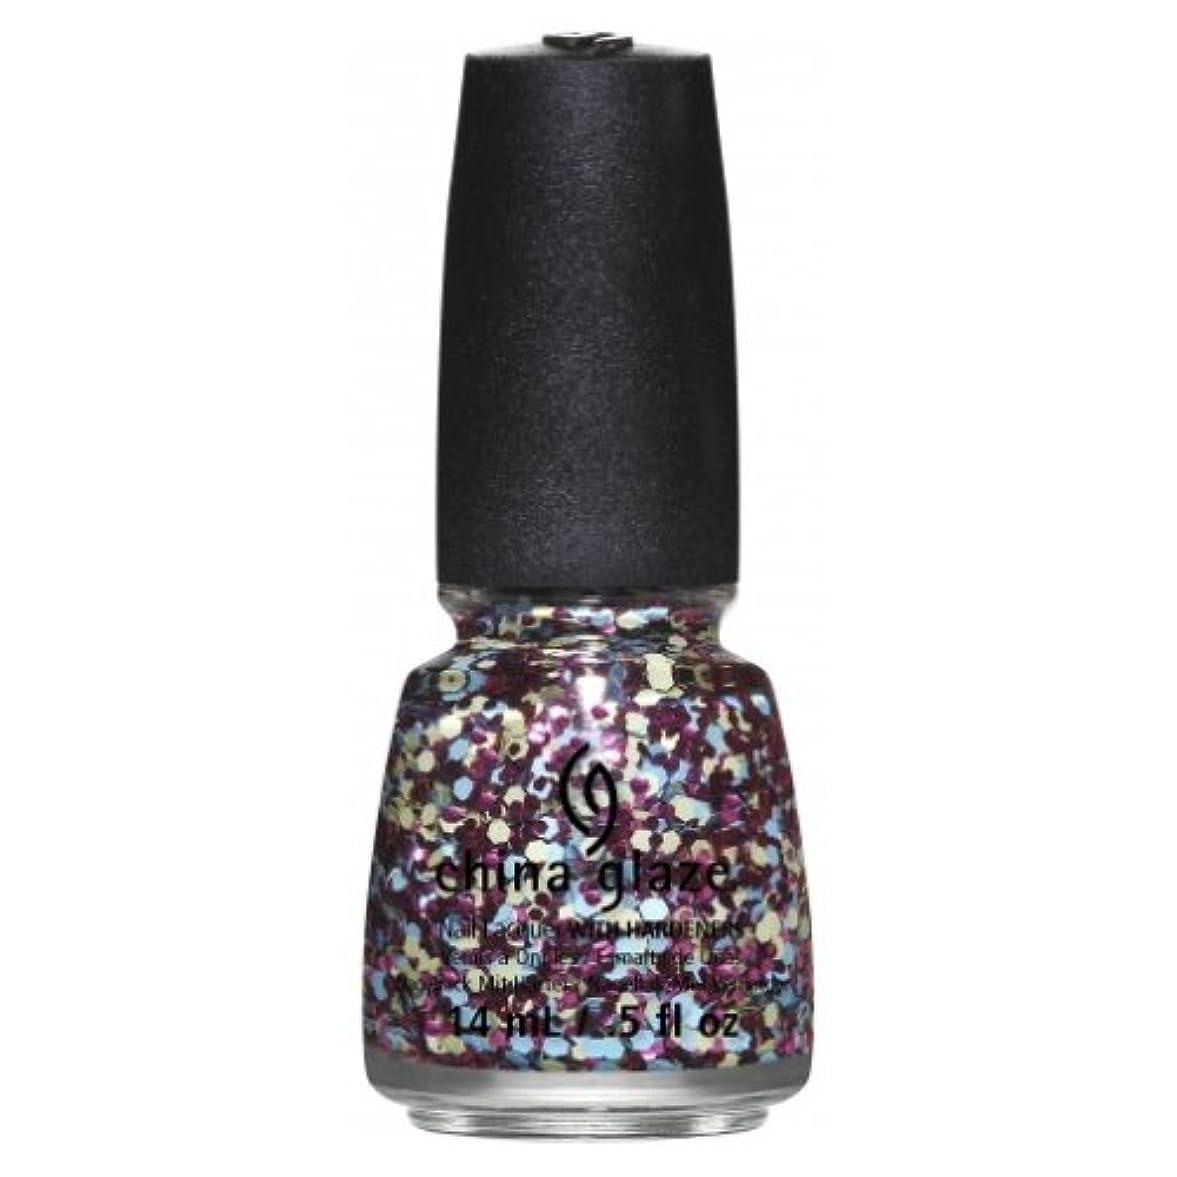 電圧義務づける眠る(3 Pack) CHINA GLAZE Nail Lacquer - Suprise Collection - I'm A Go Glitter (並行輸入品)